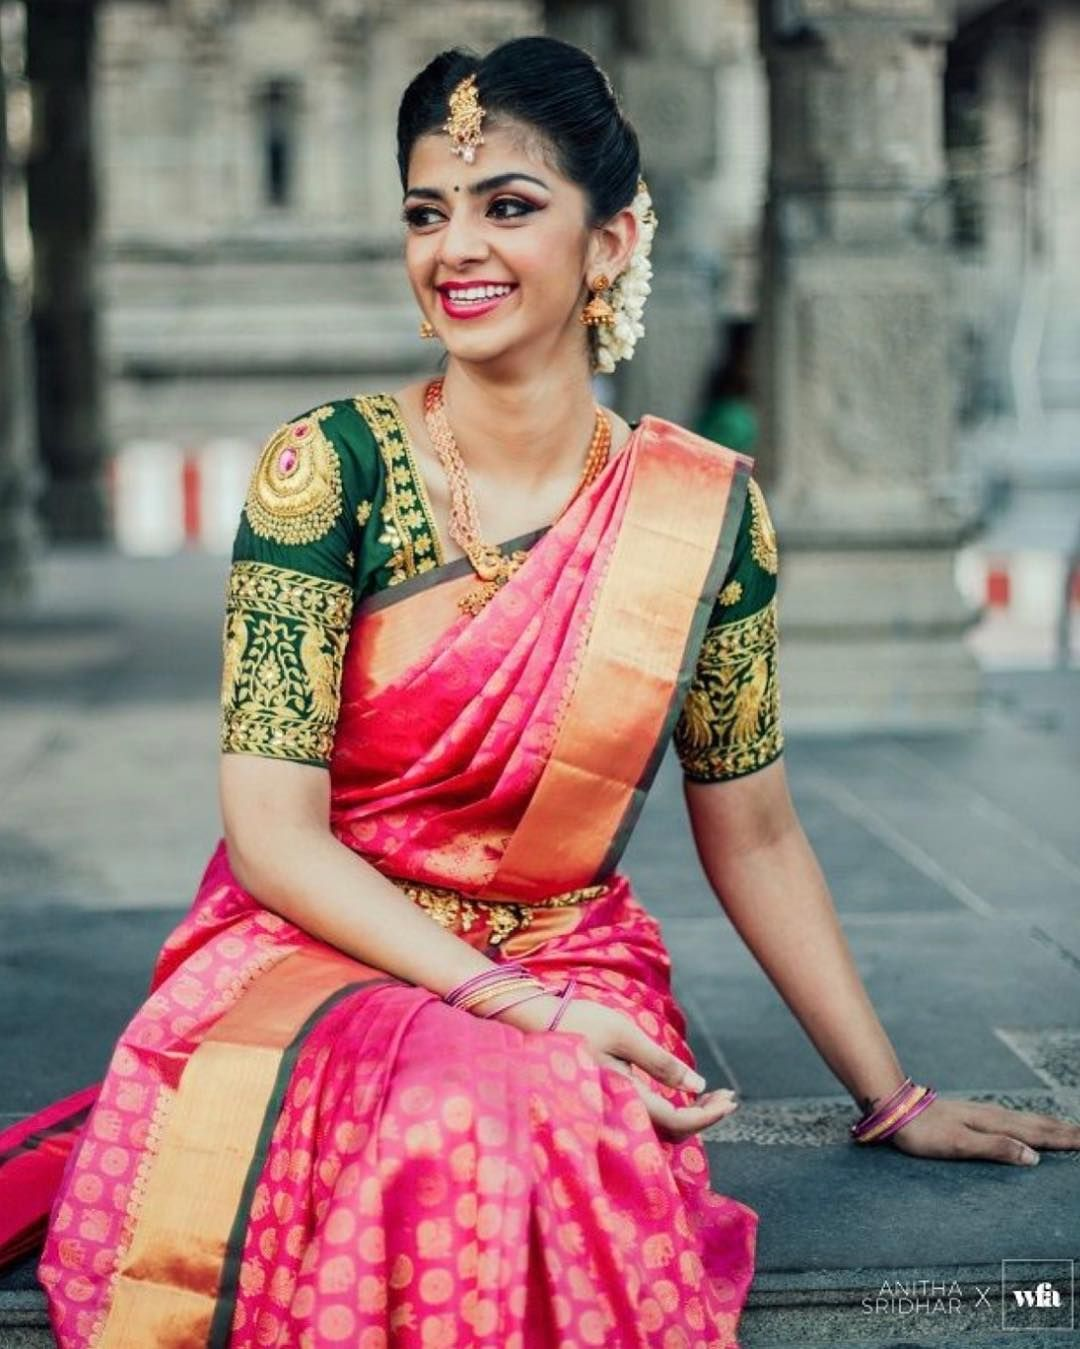 Chennai Girls Whatsapp Numbers List (2019) Dating and Free